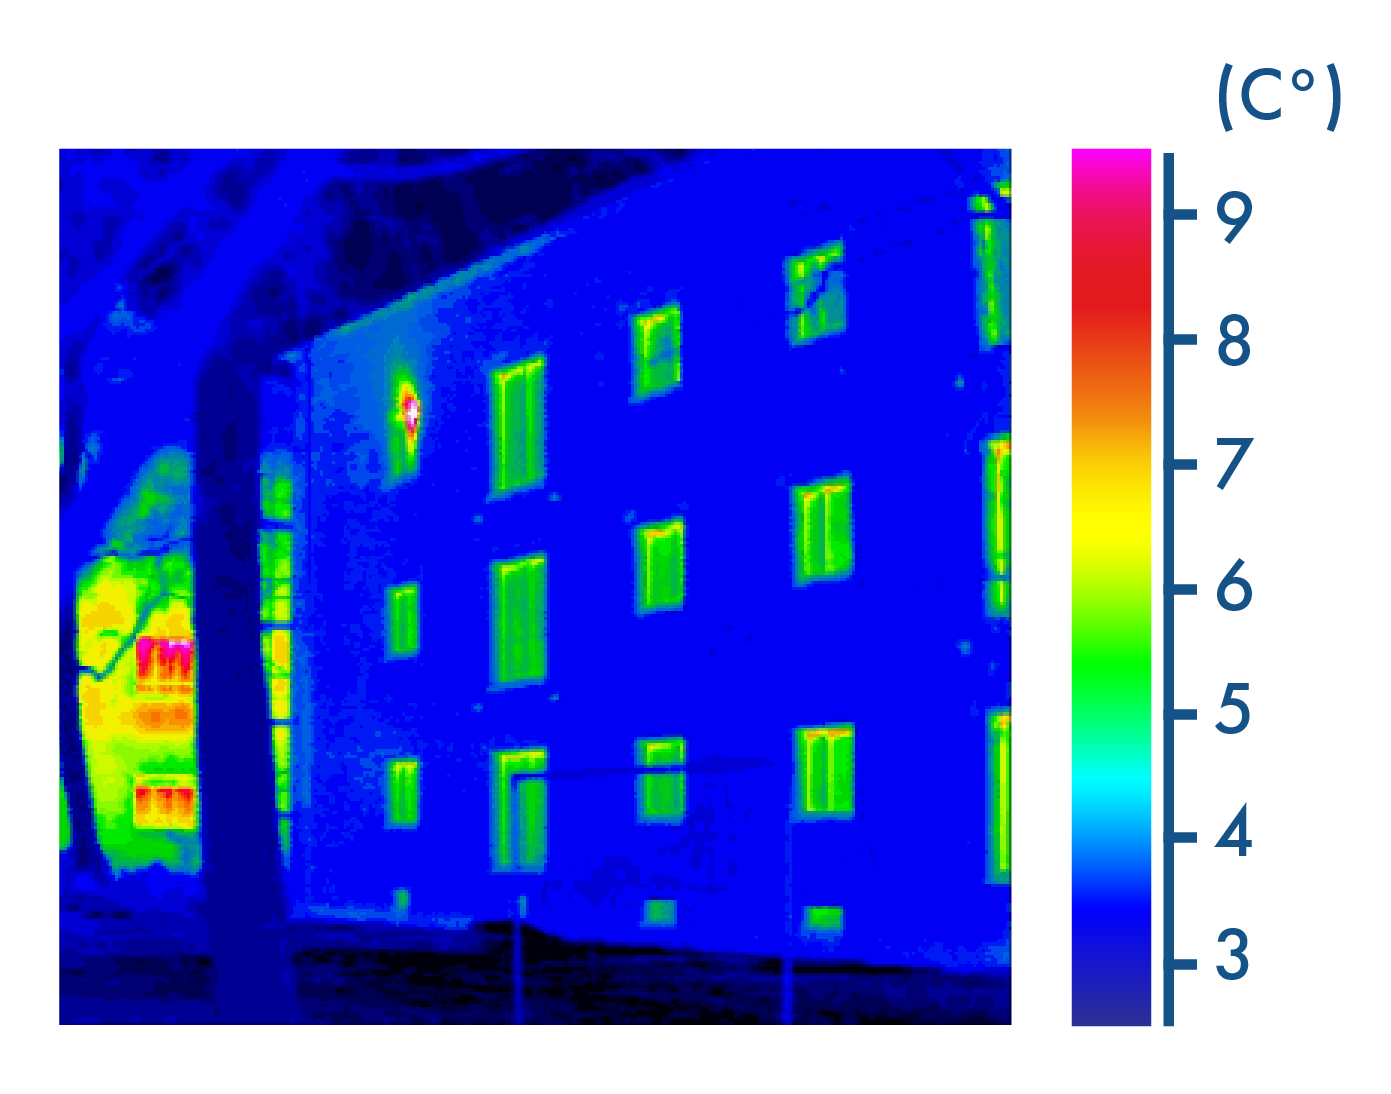 Thermographie d'une façade d'immeuble (fausse échelle de couleurs) 2nde